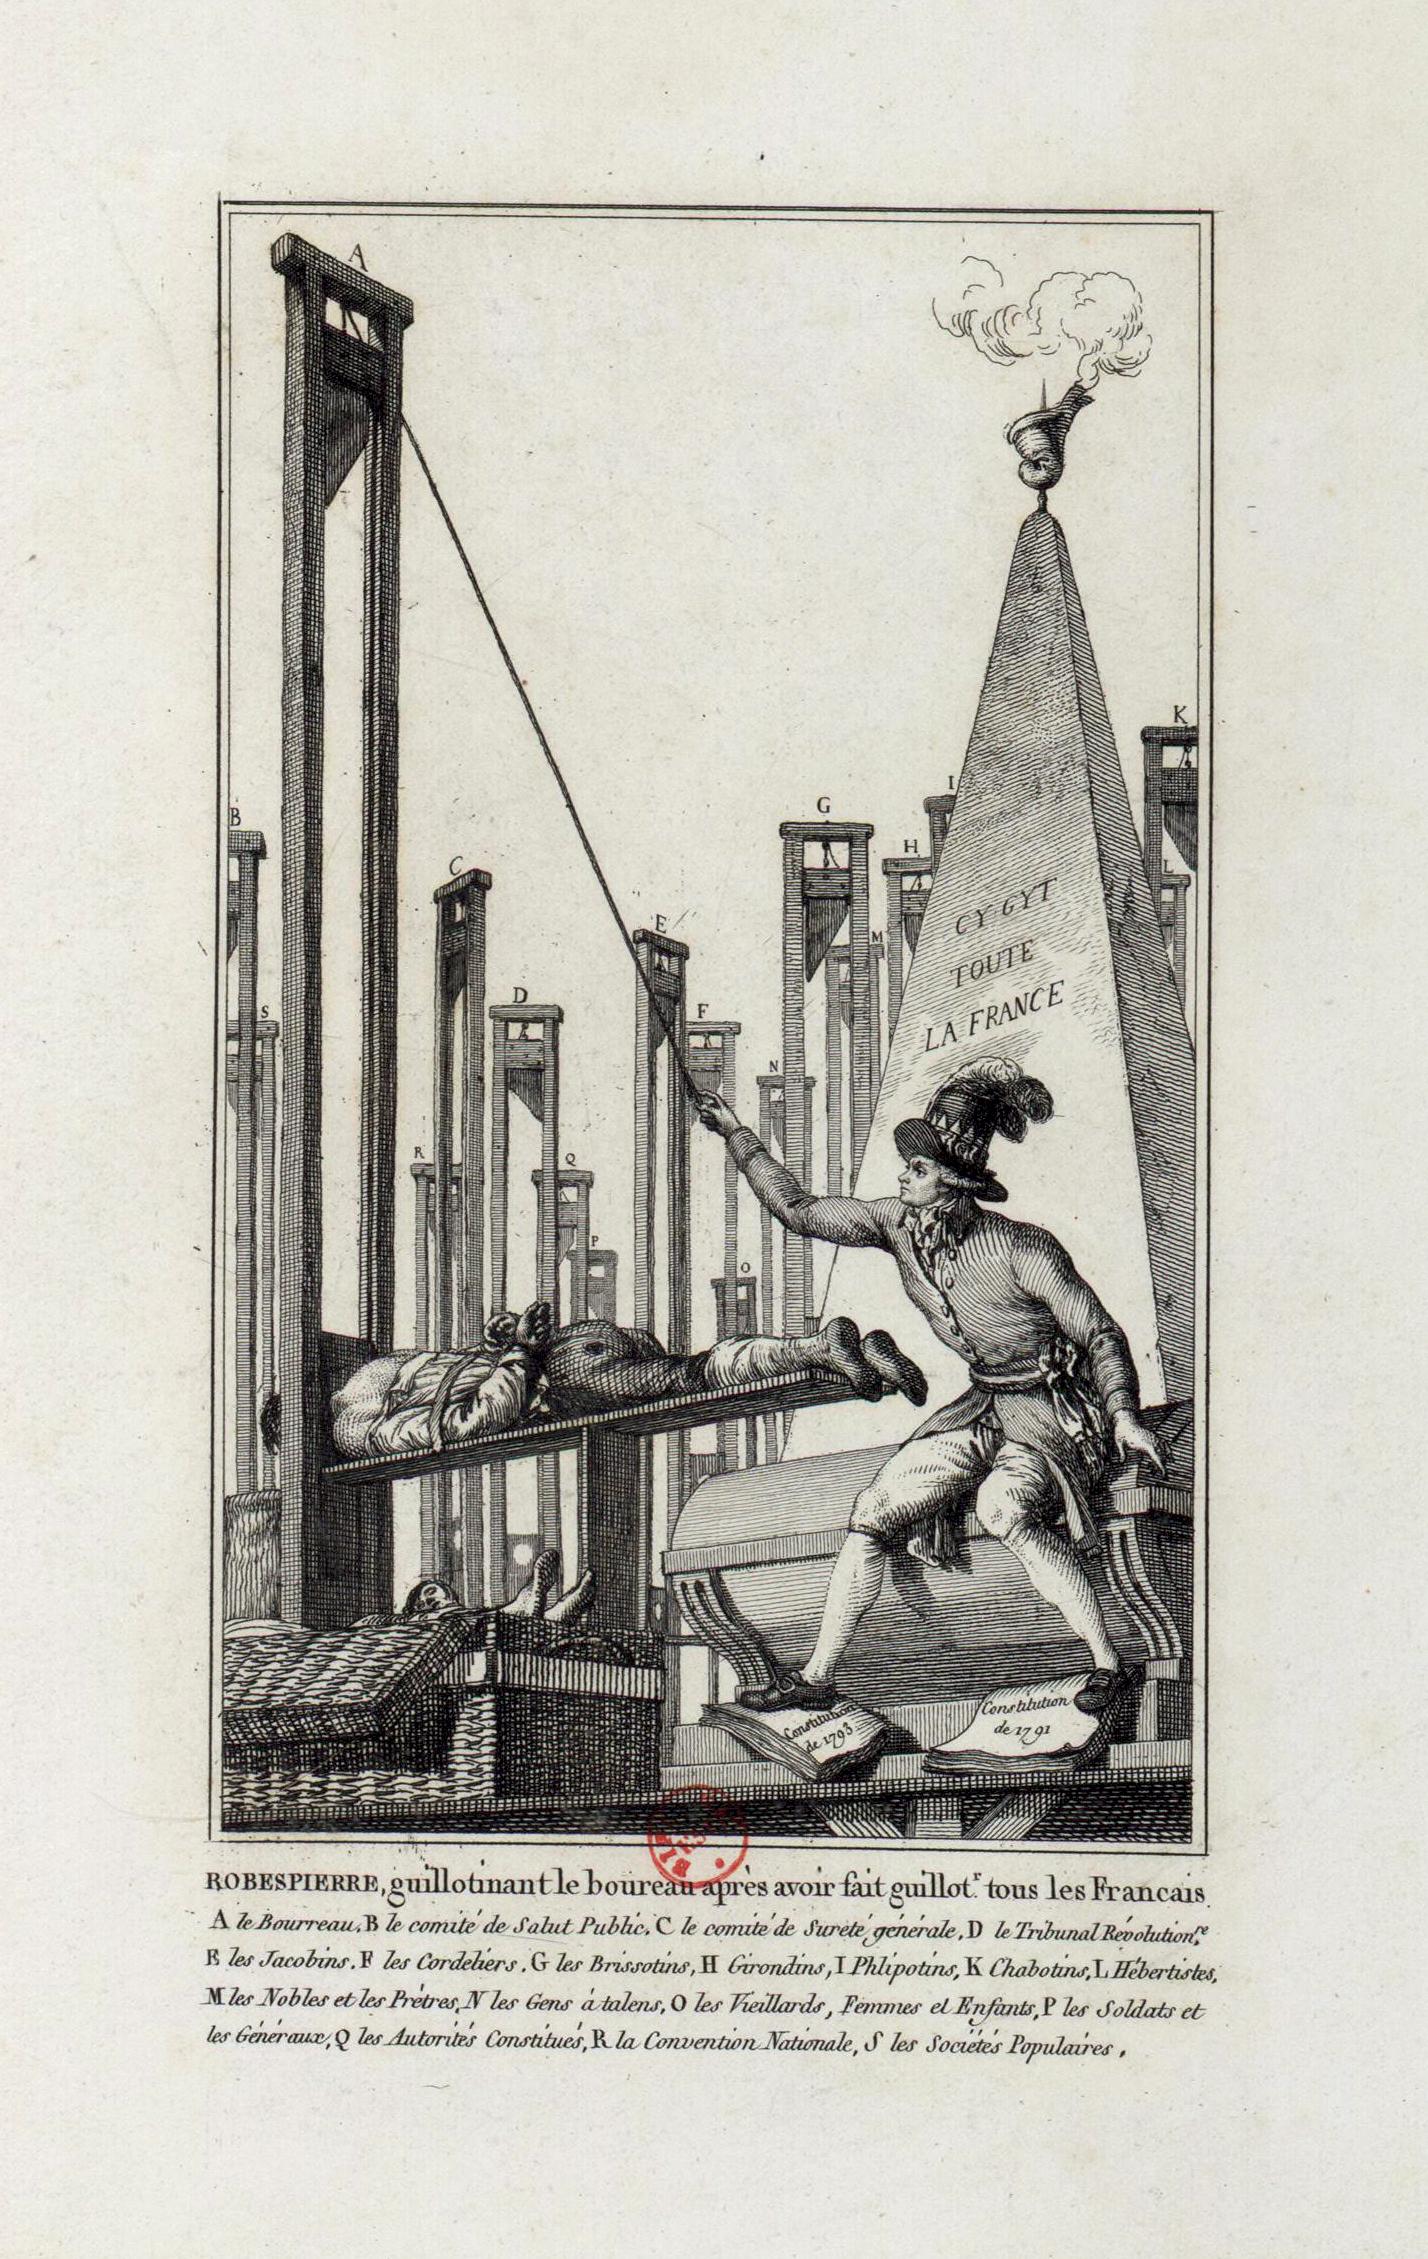 Robespierre_guillotinant_le_boureau_apr%C3%A8s_avoir_fait_guillot.r_tous_les_Fran%C3%A7ais.jpg